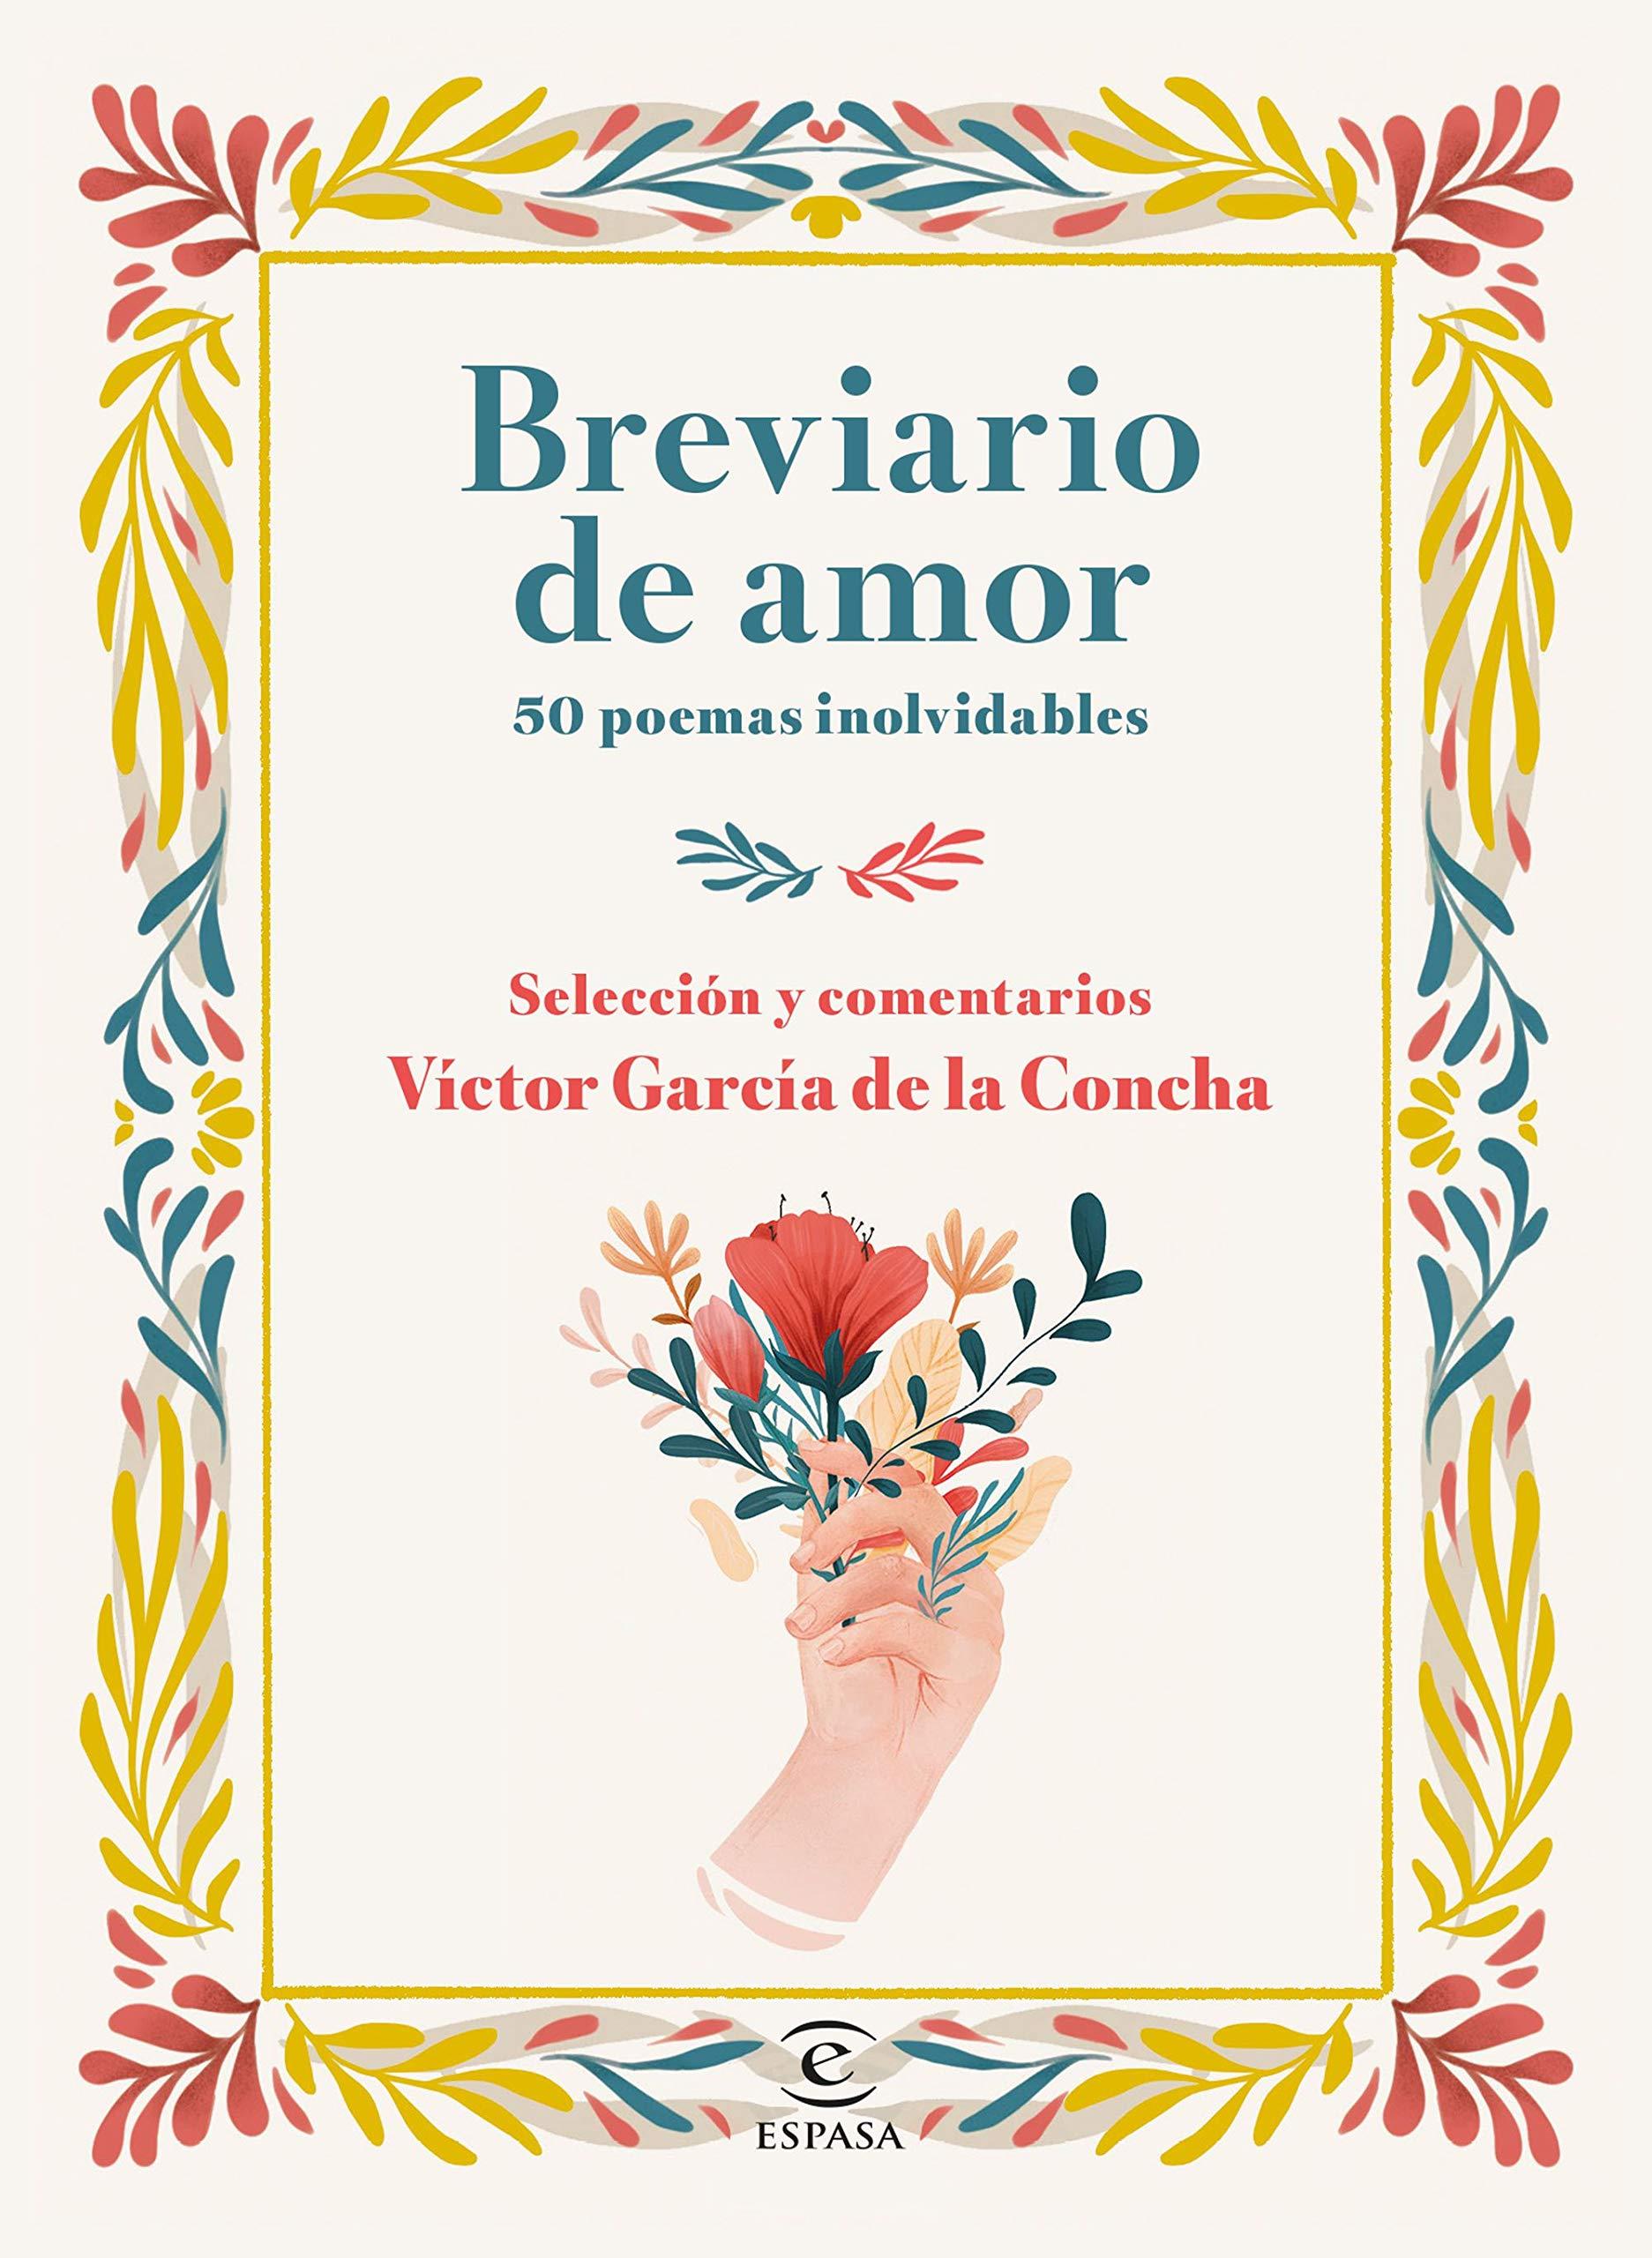 Breviario de amor, selección de poemas de Víctor García de la Concha